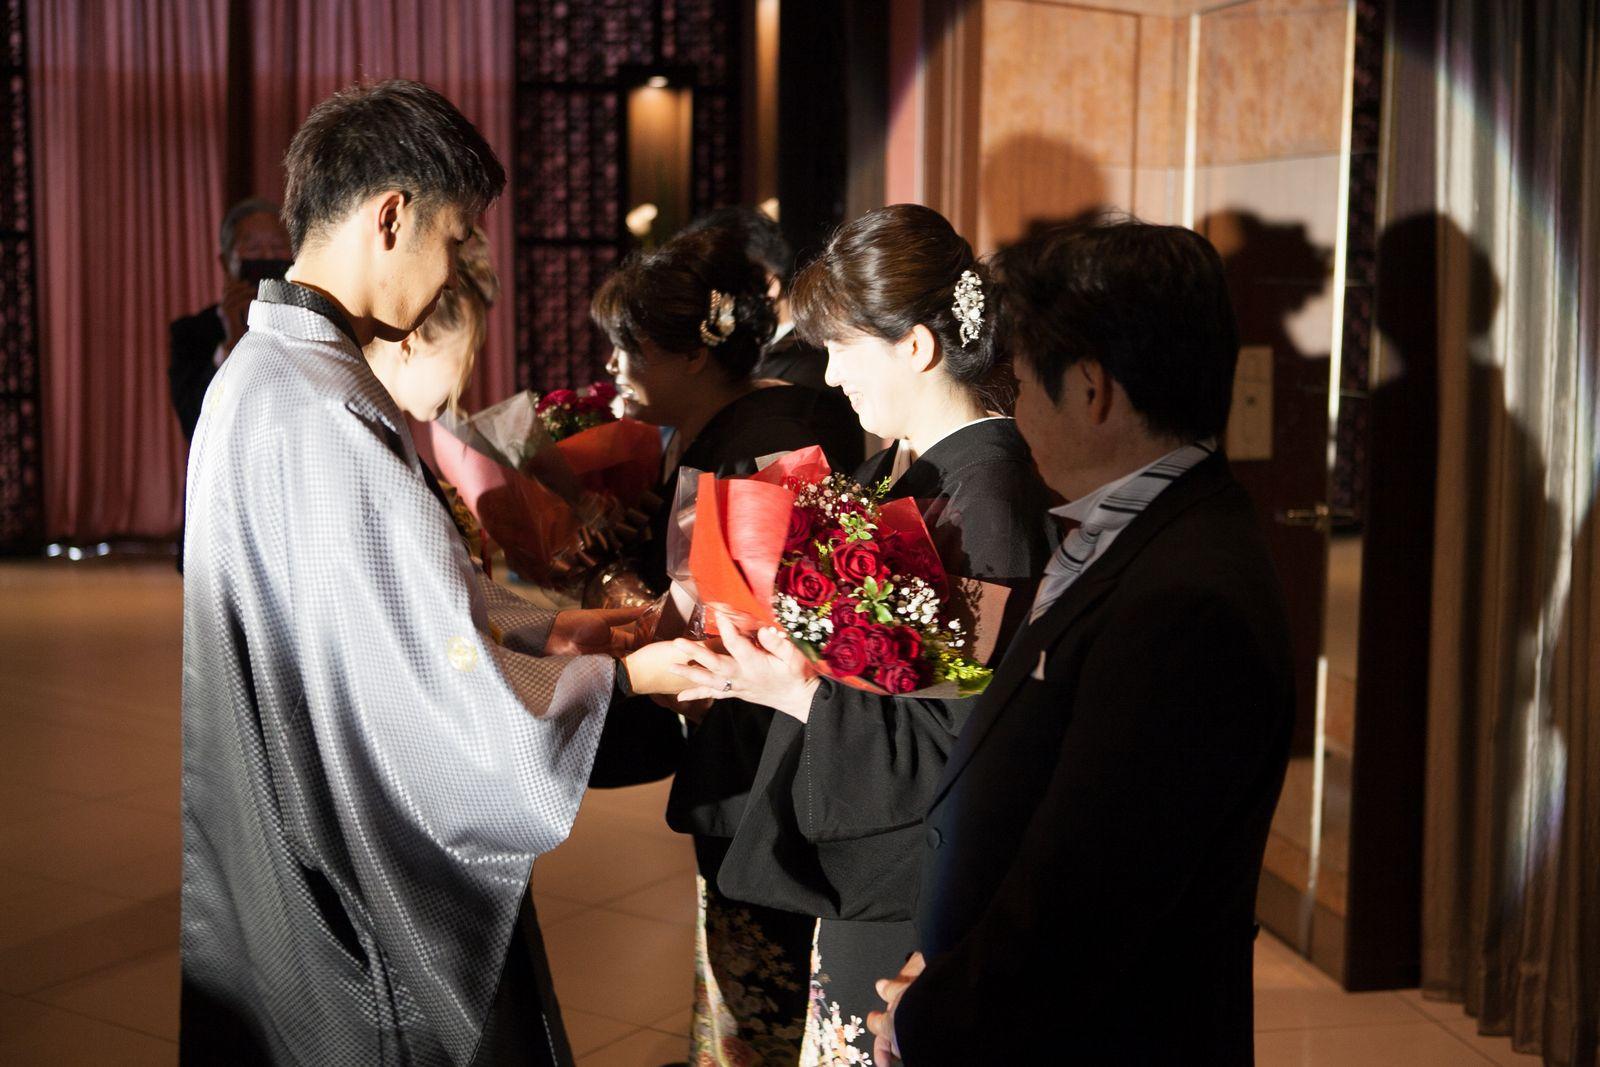 徳島市の結婚式場ブランアンジュで新郎新婦様からご両親様へ感謝を伝える花束贈呈